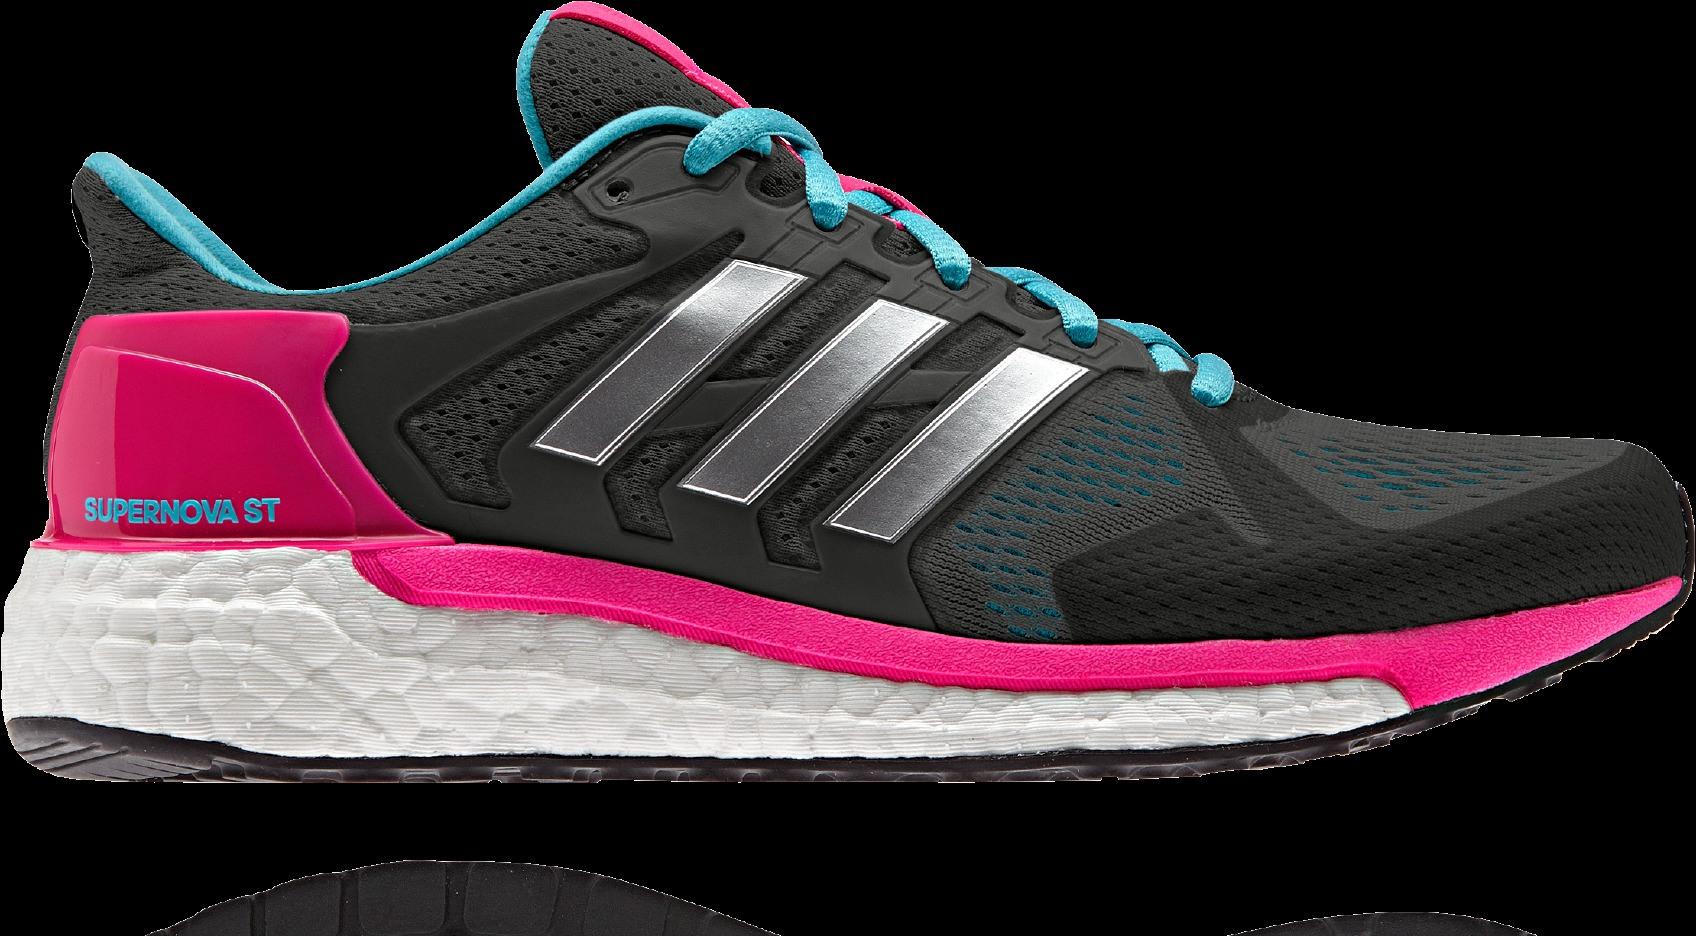 Adidas lanza su nueva Supernova de estabilidad